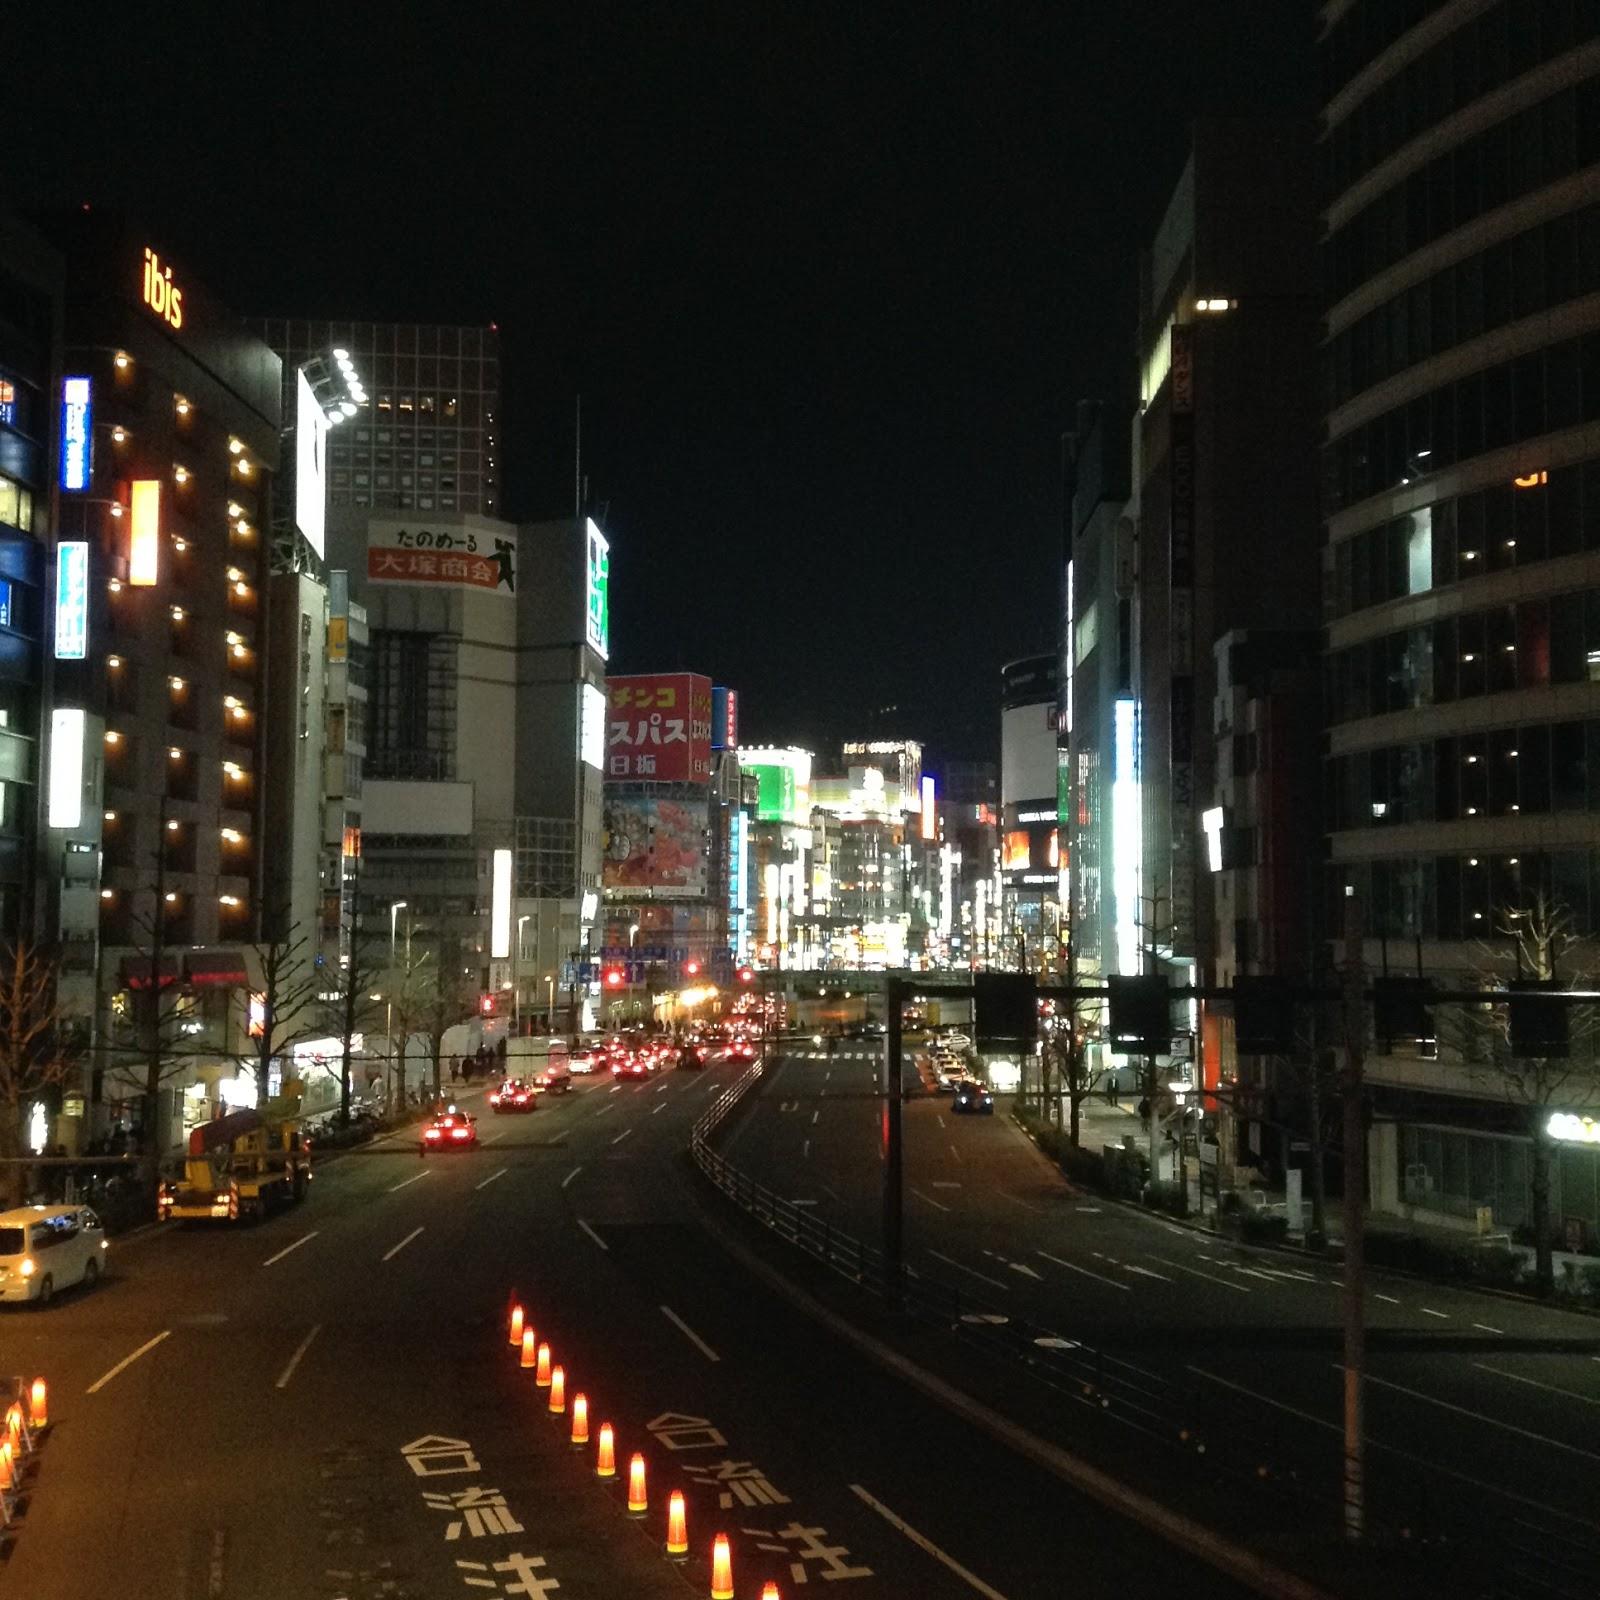 Tokyo Shinjuku Japanese street at night